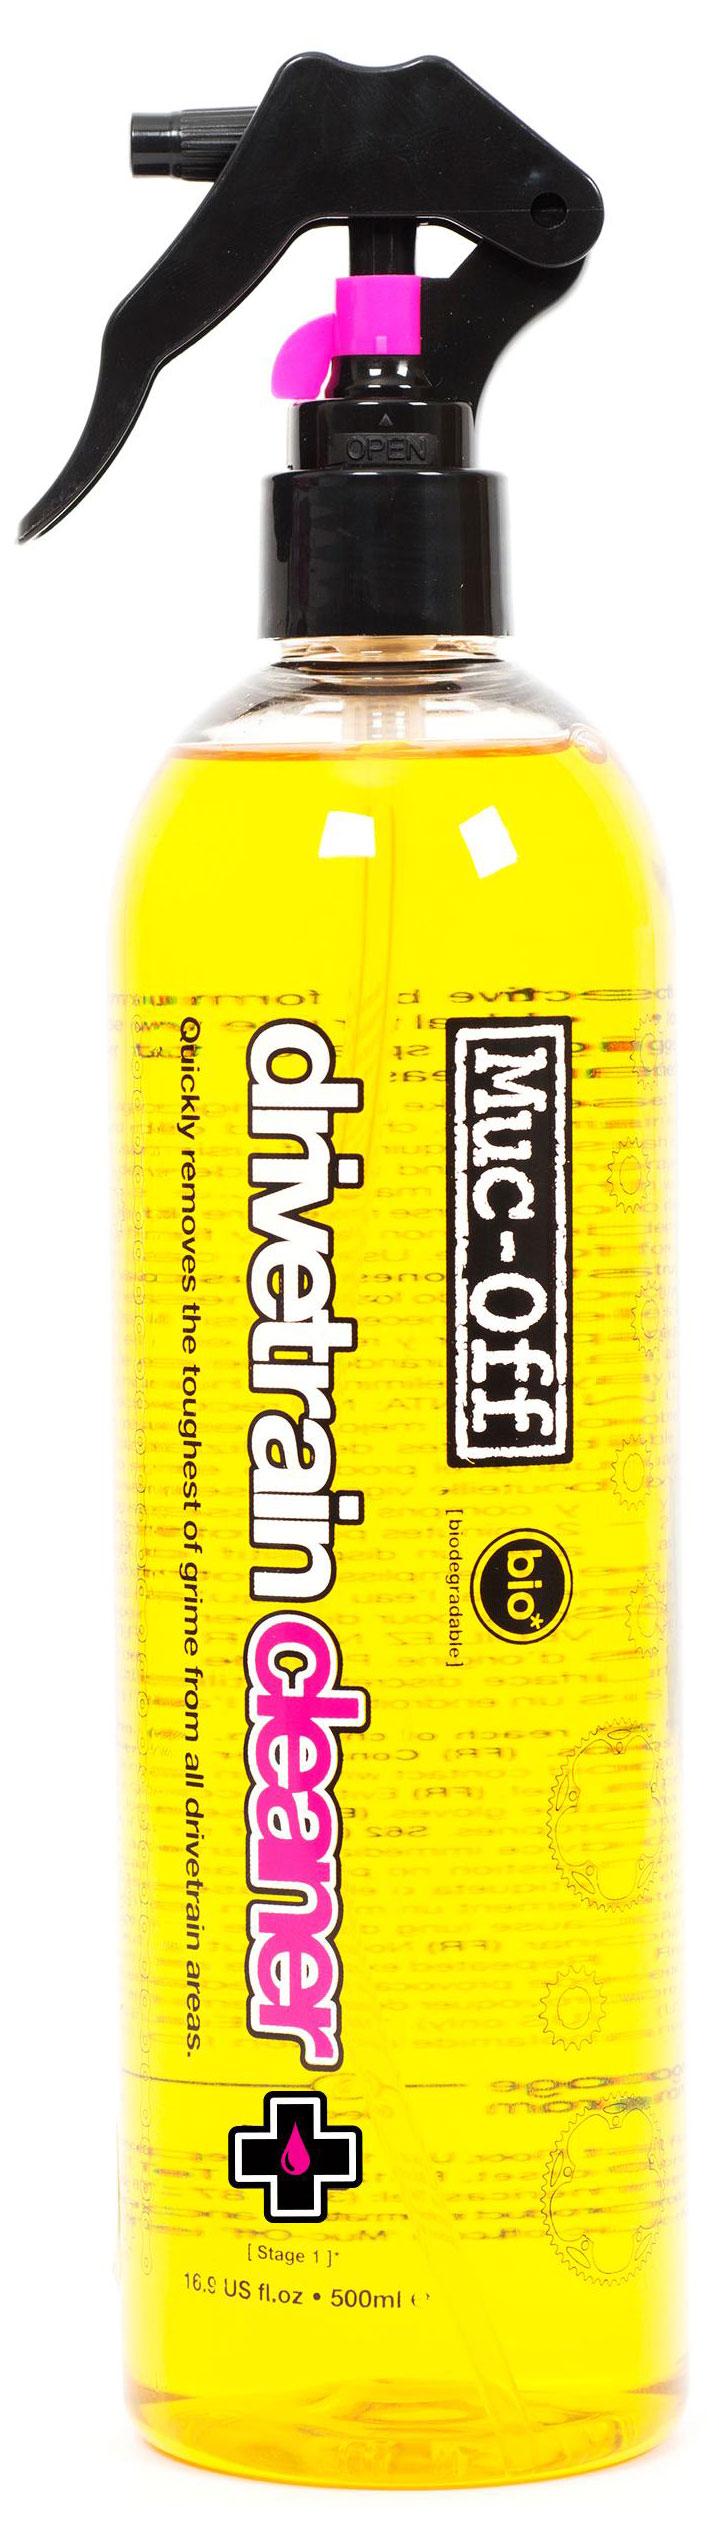 Аксессуар Muc-Off Drivetrain Cleaner 500ml цена